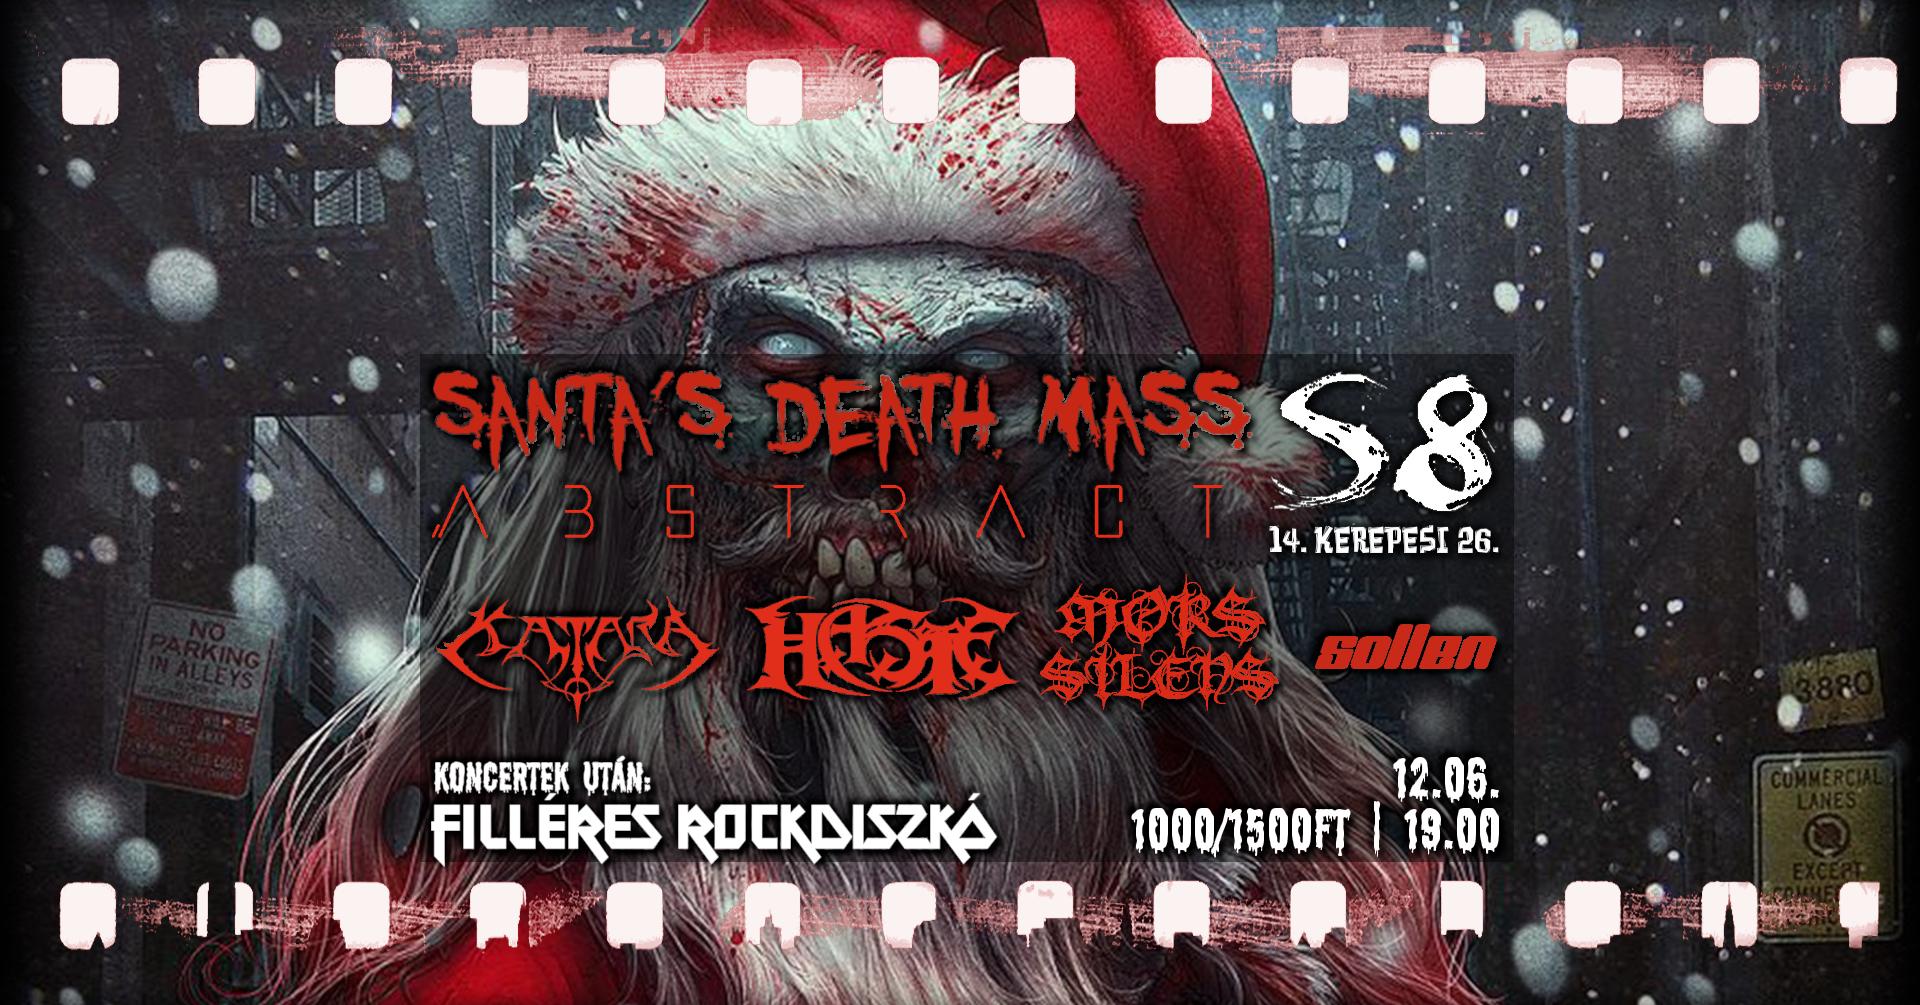 Santa's Death Mass - Sollen I Katara I Mors Silens I Abstract I Haste